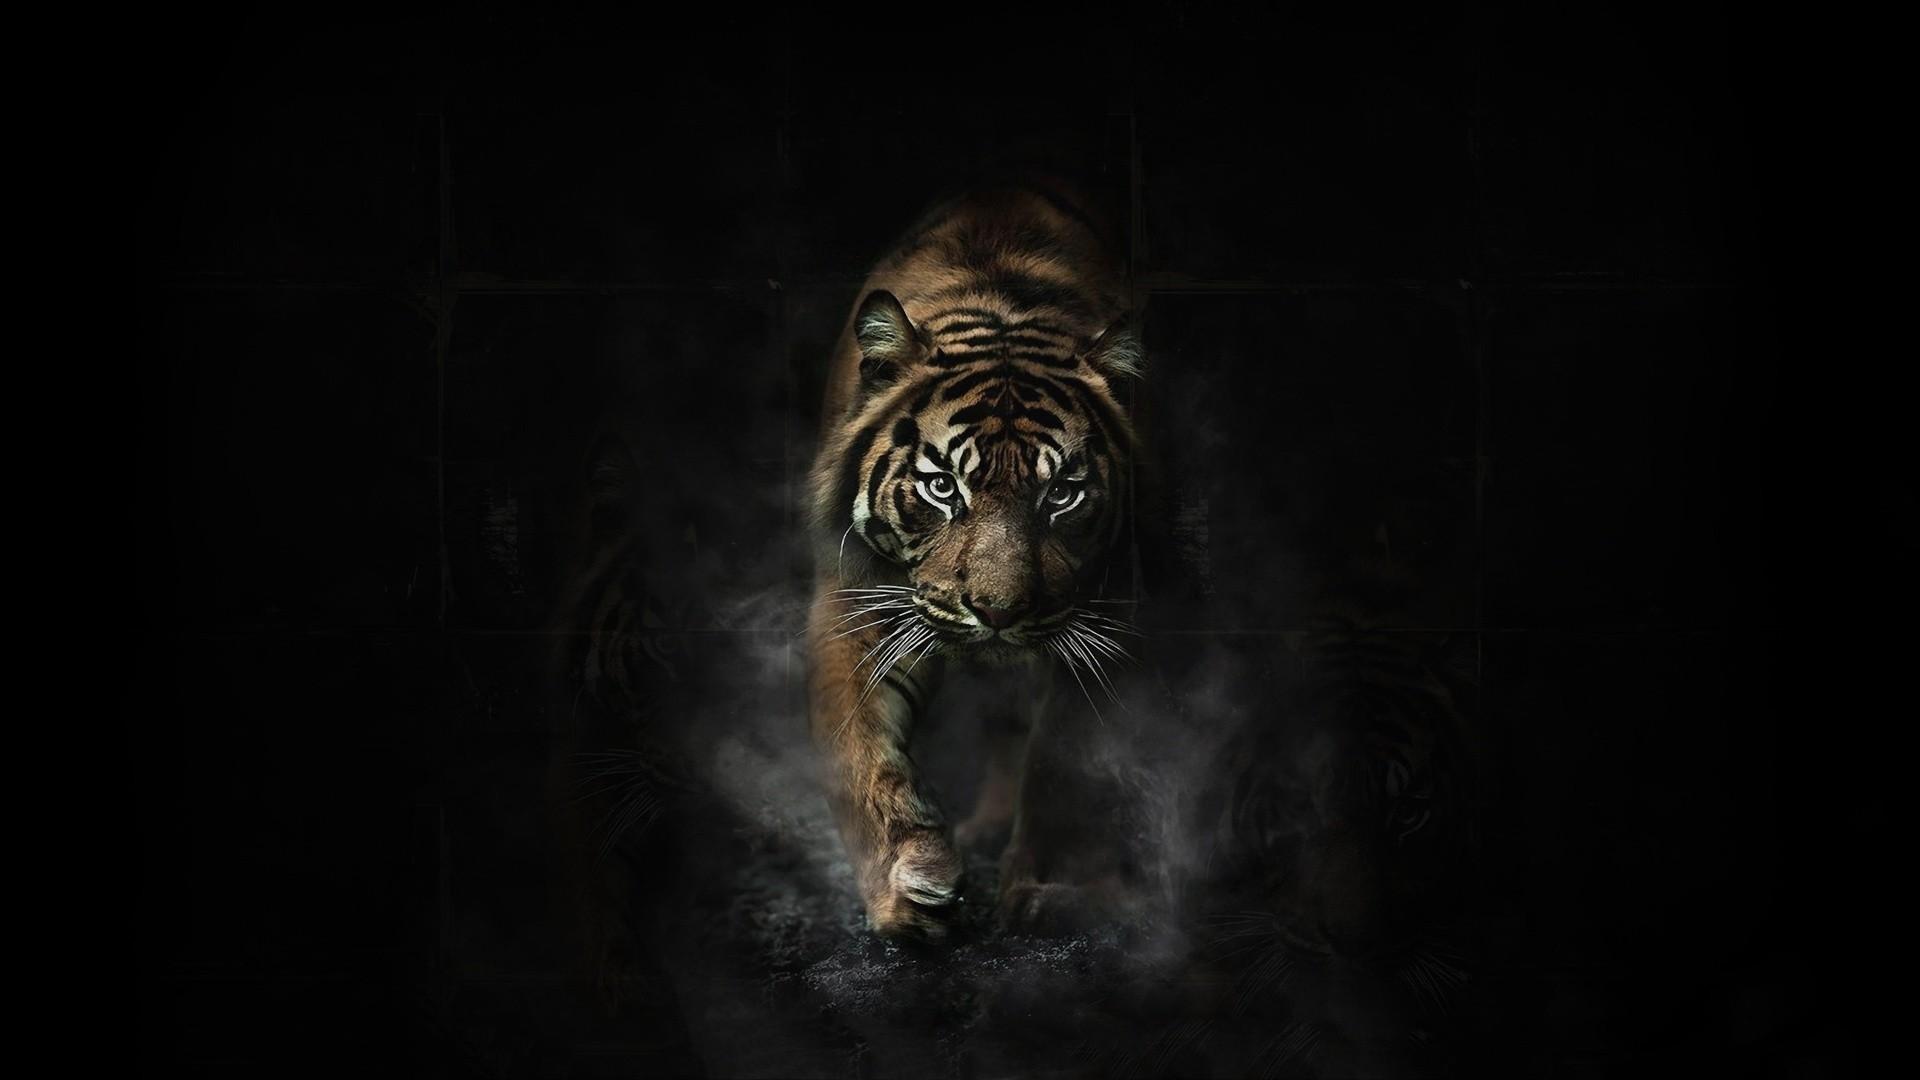 Hình nền máy tính nền đen con hổ đẹp